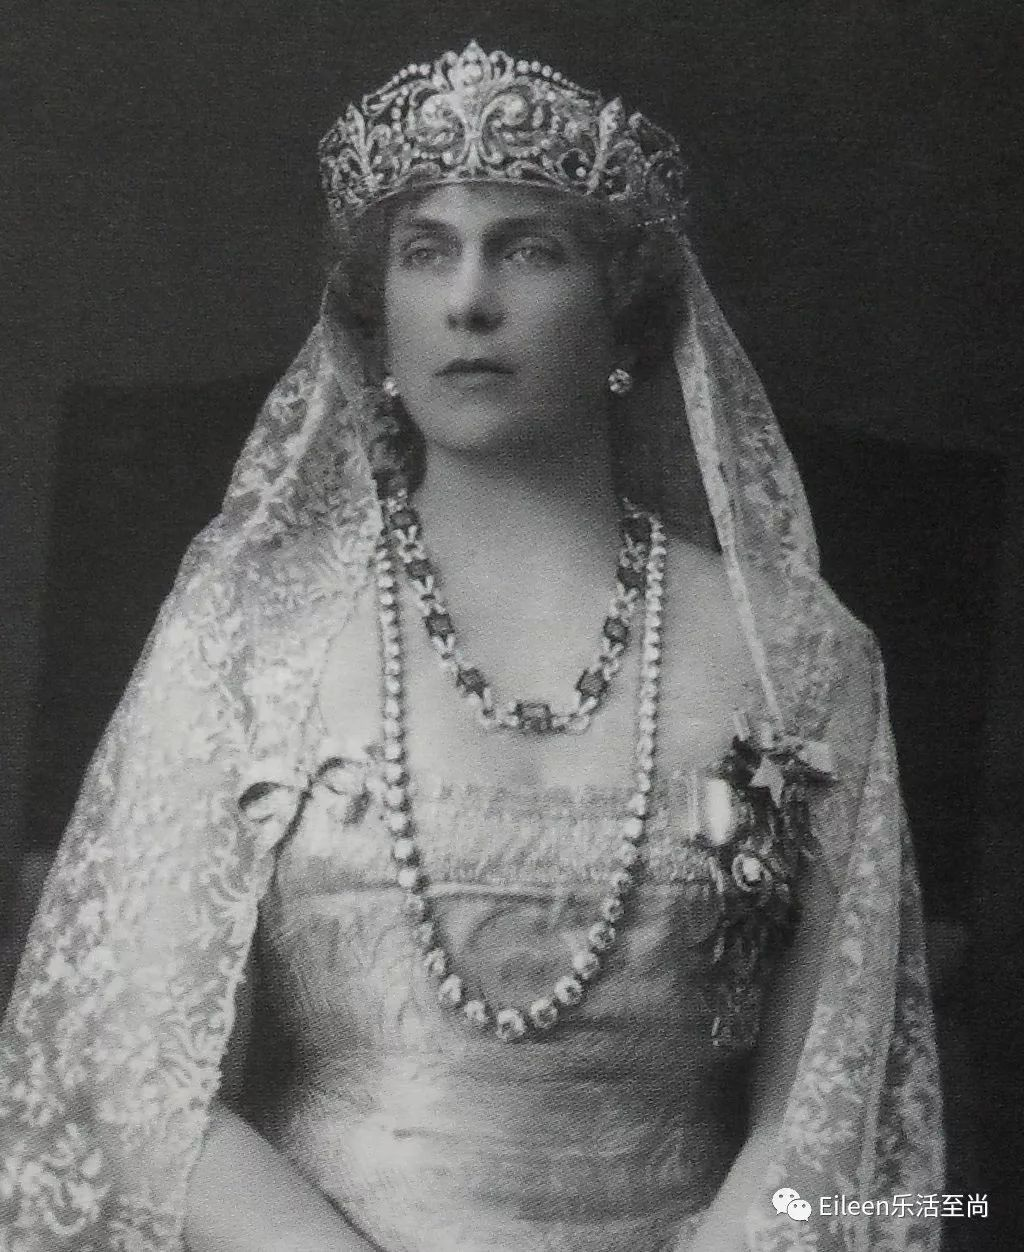 法国贵族姓氏_32岁嫁英俊国王,5次小产命运作弄,她用温柔坚韧写就爱情童话